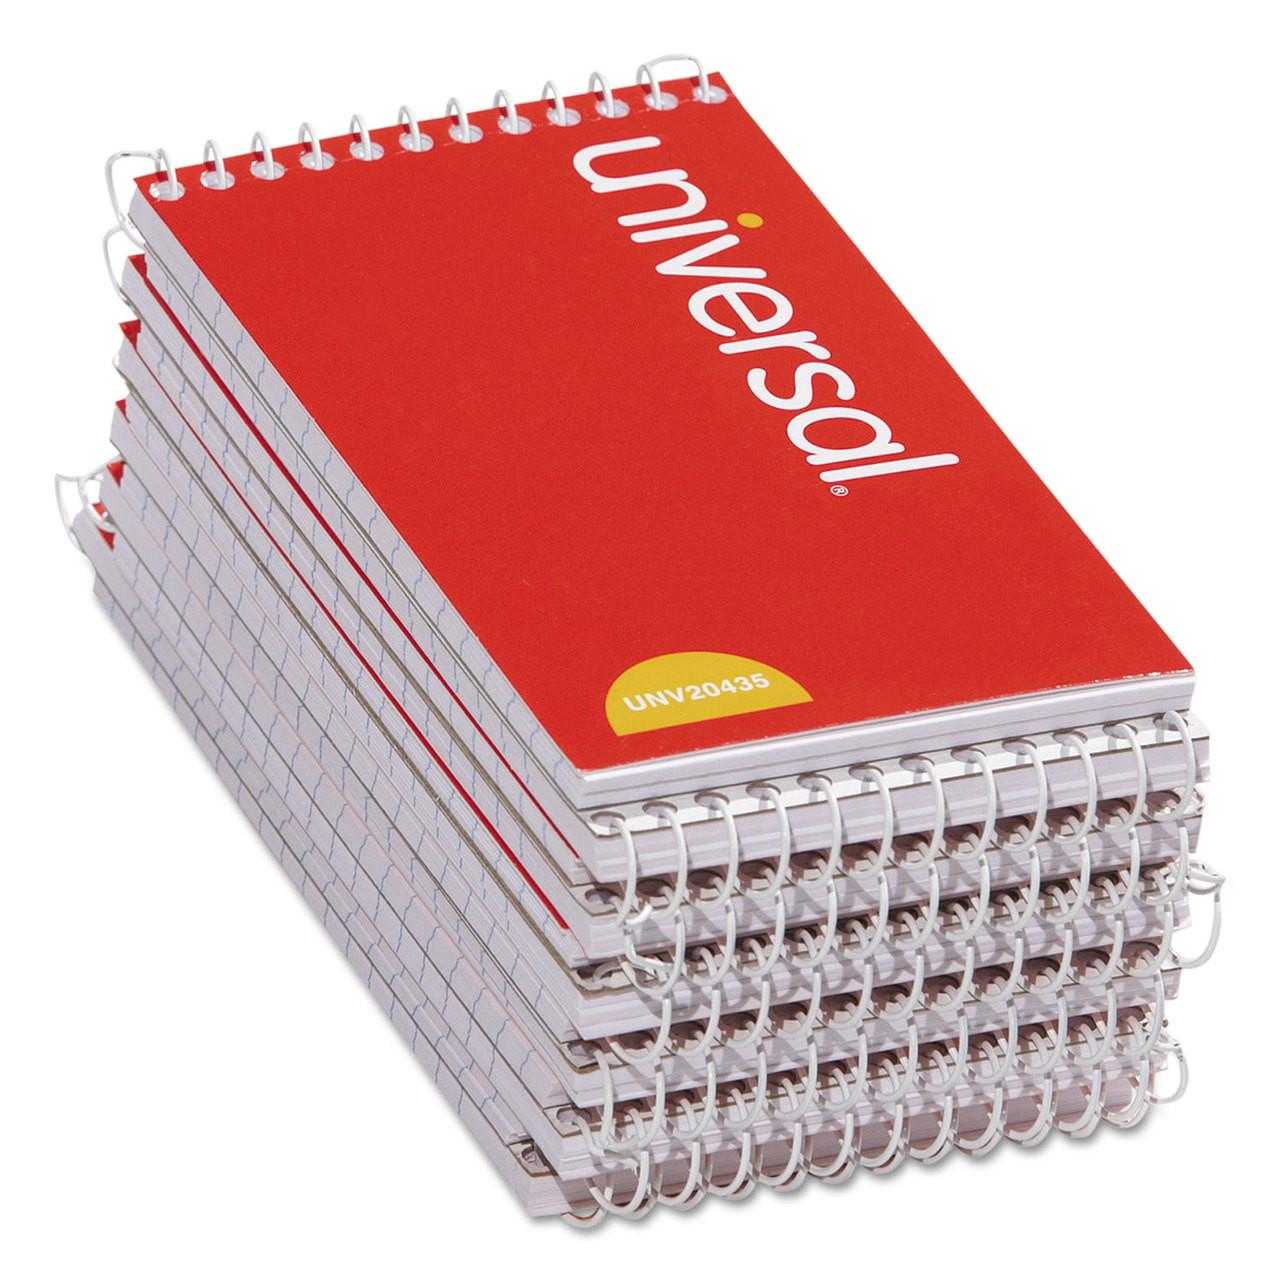 MELTRIC 89-60167-080-S 60 AMP 3 PHASE pin sleeve 600V 480V 208//240V receptacle